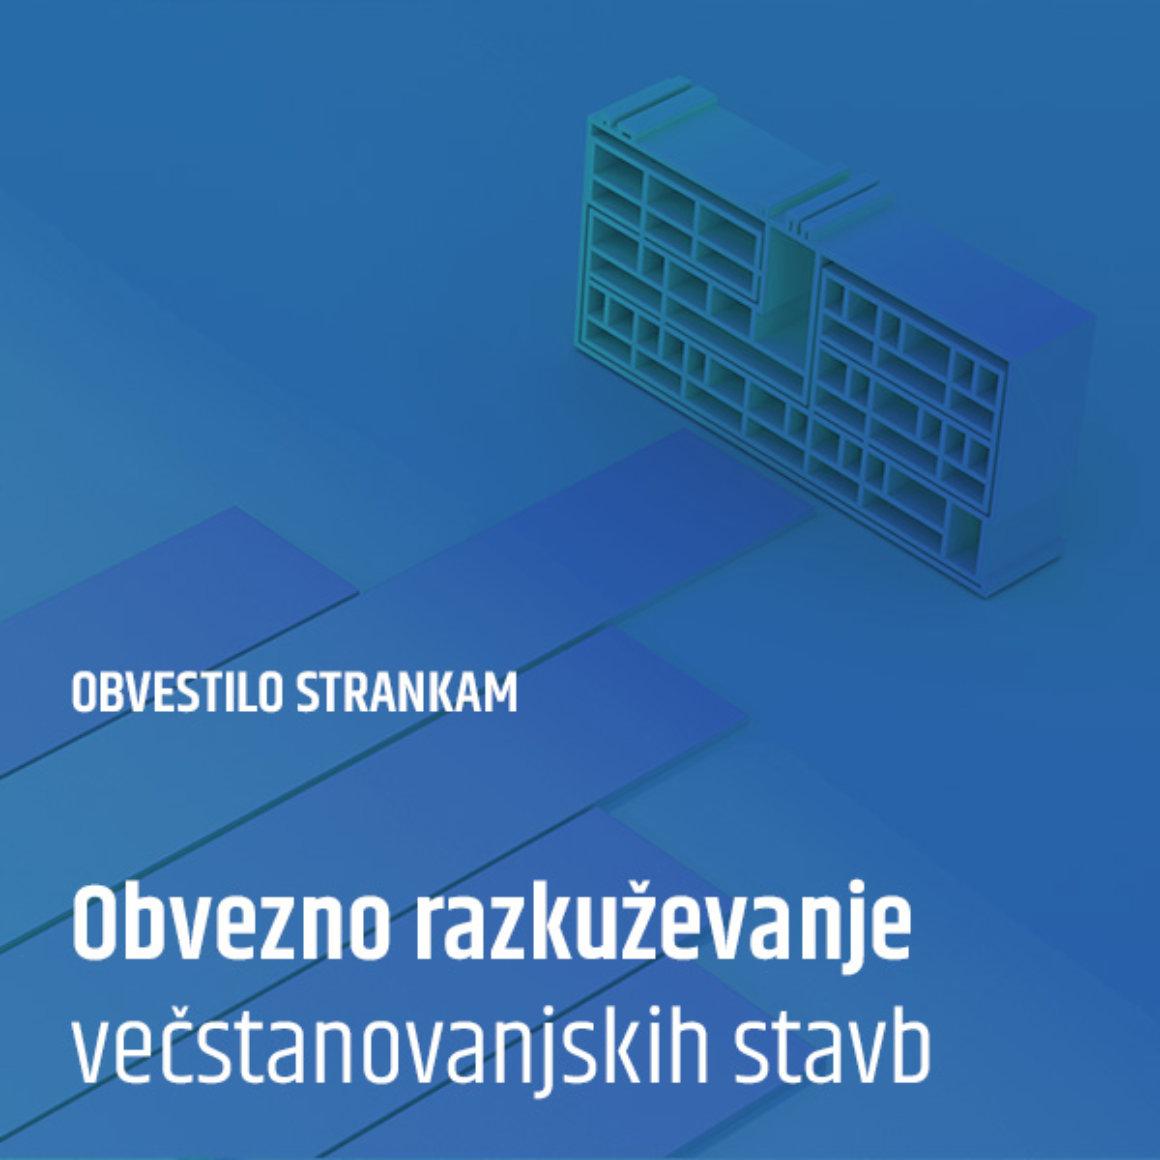 Upra-Stan-razkuzevanje-blokov